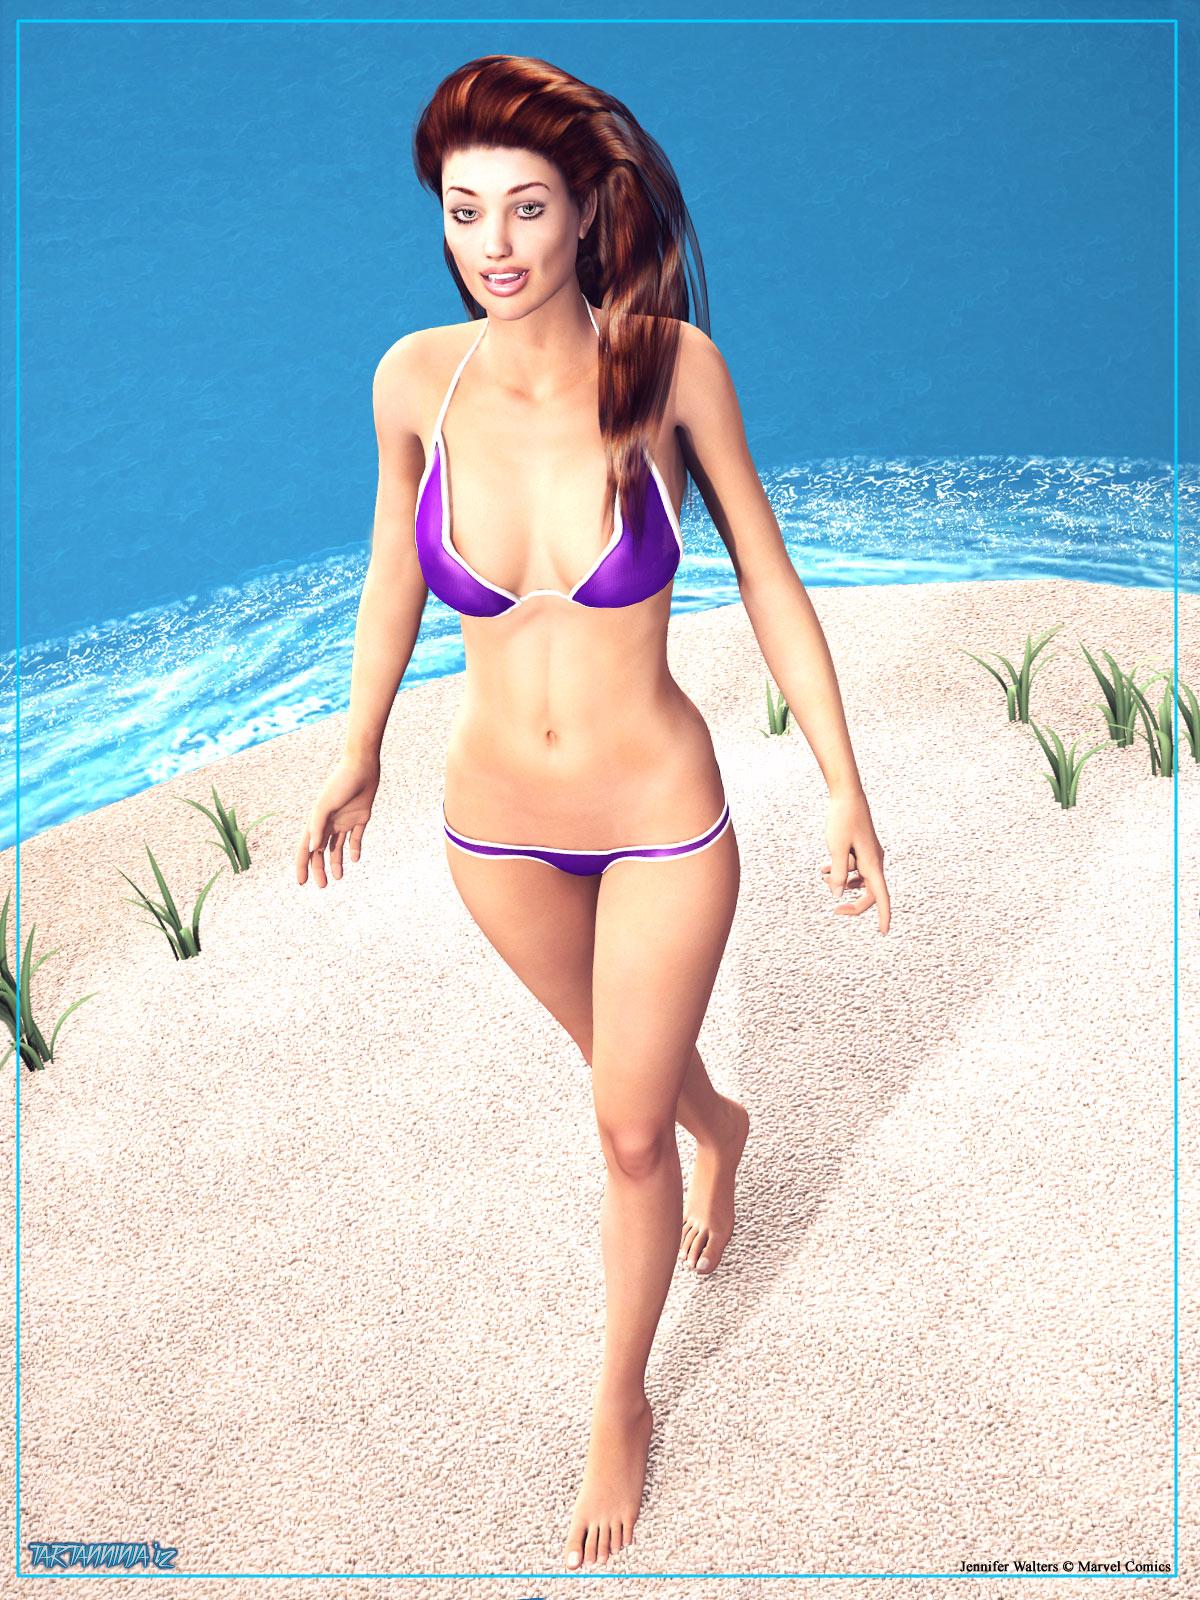 Summertime: Jennifer Walters